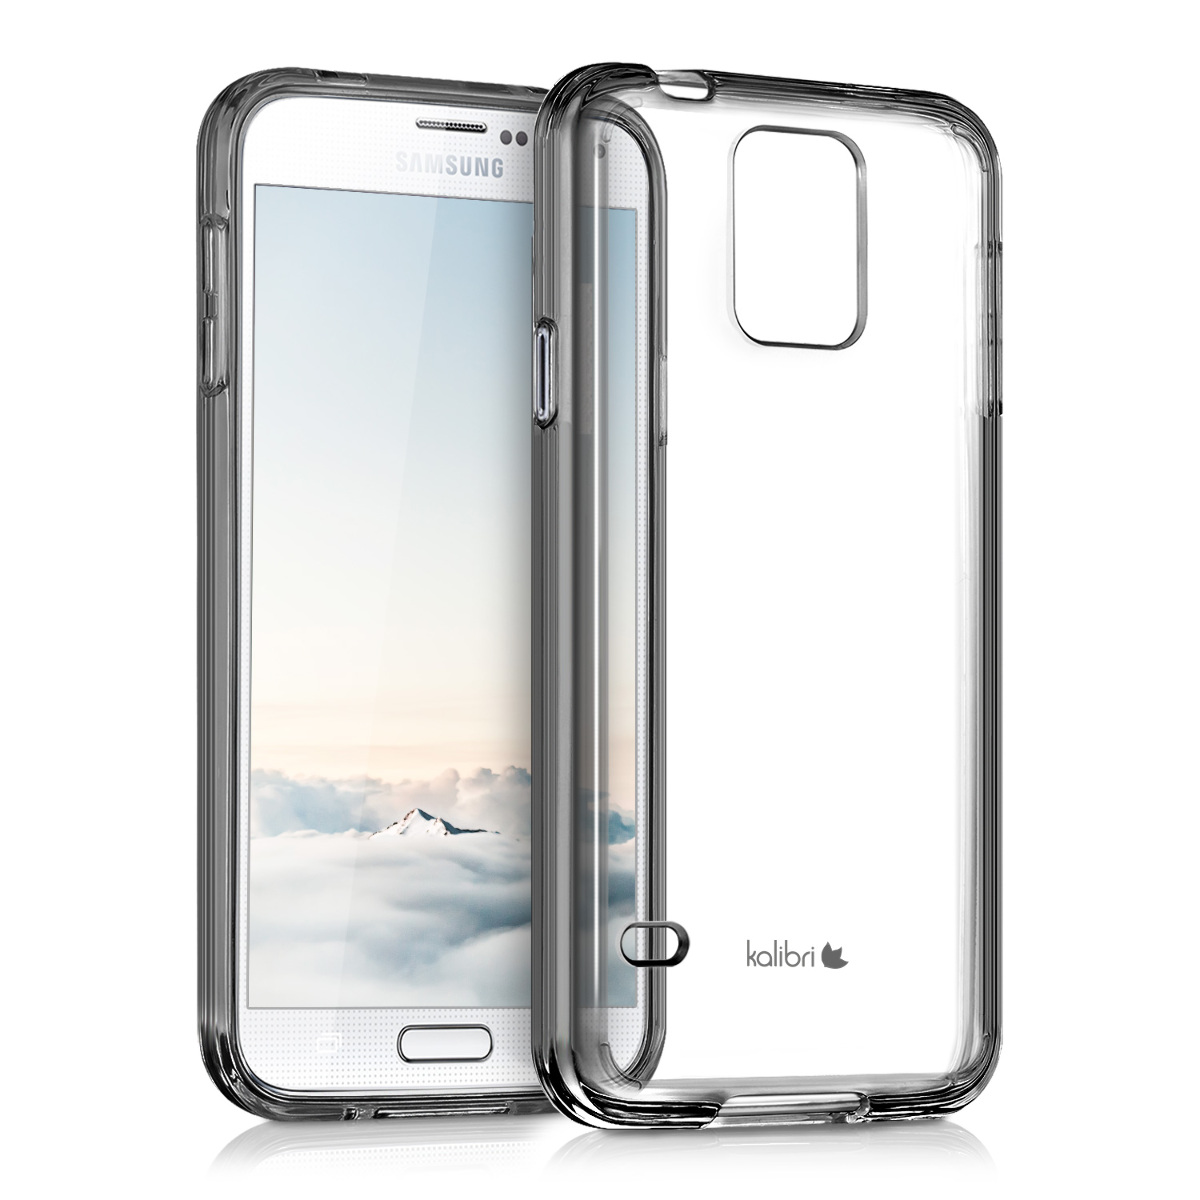 Kvalitní silikonové TPU pouzdro pro Samsung S5 | S5 Neo - černé / transparentní